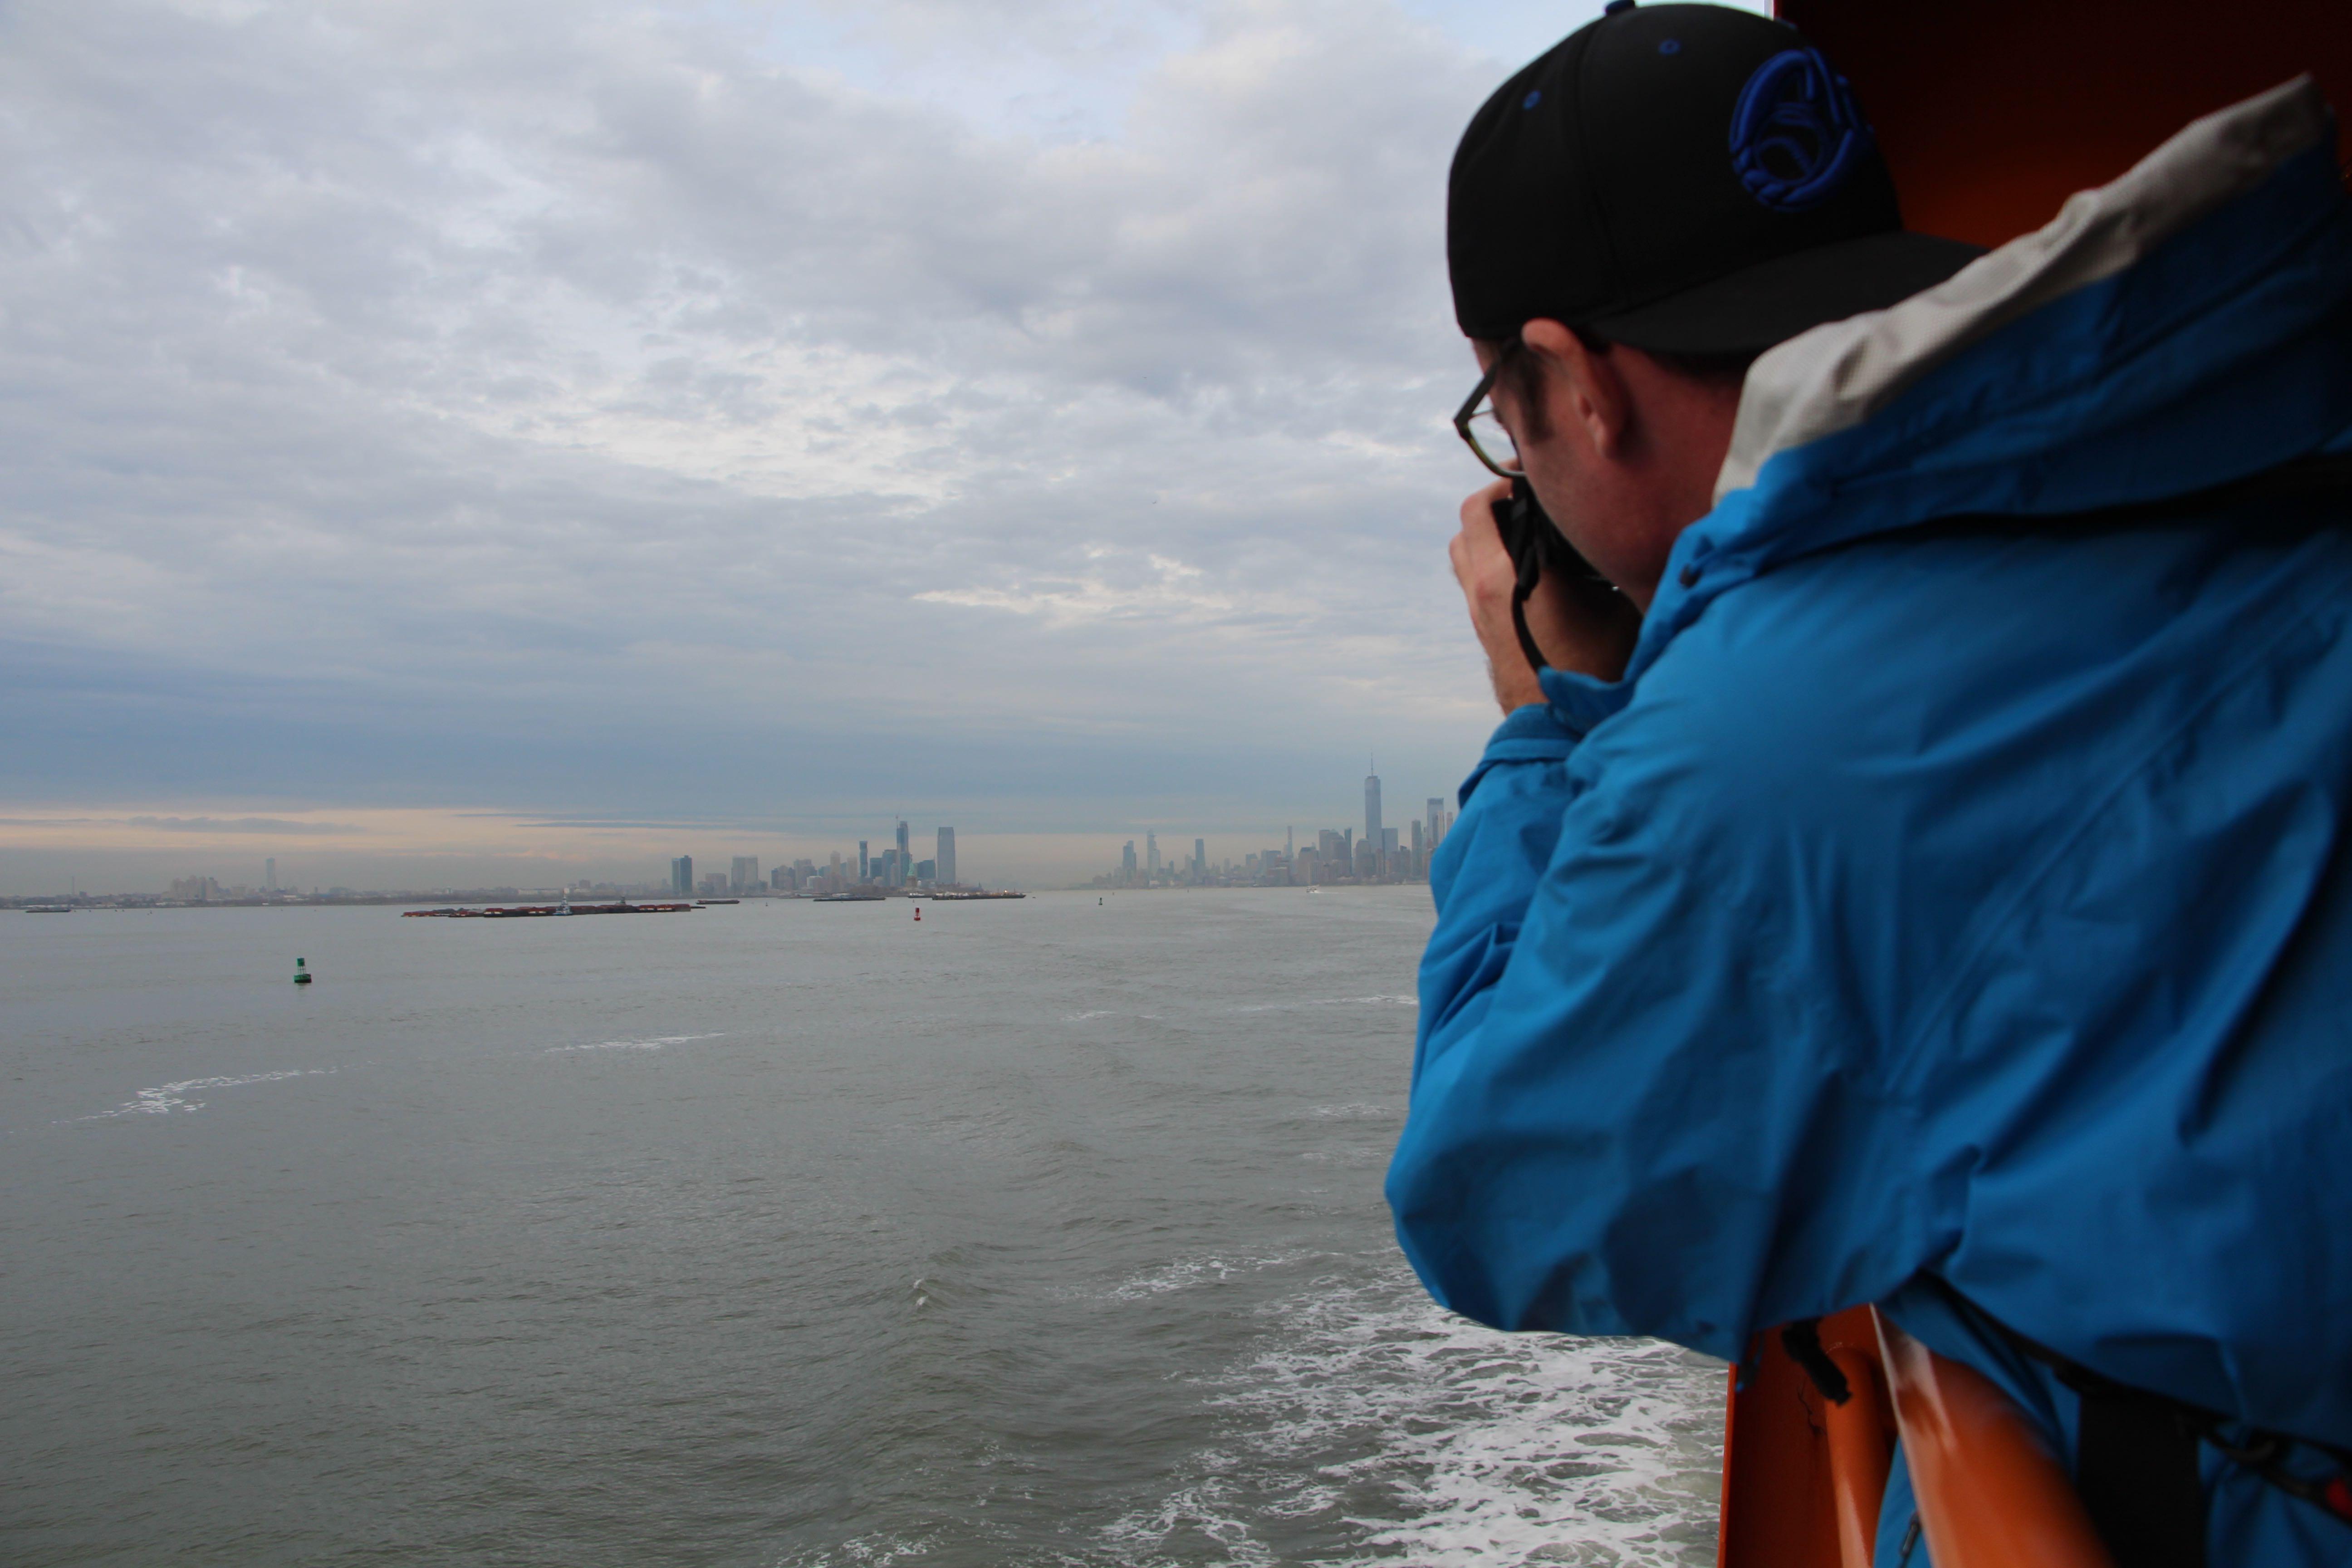 Lower Manhattan & the Staten Island Ferry